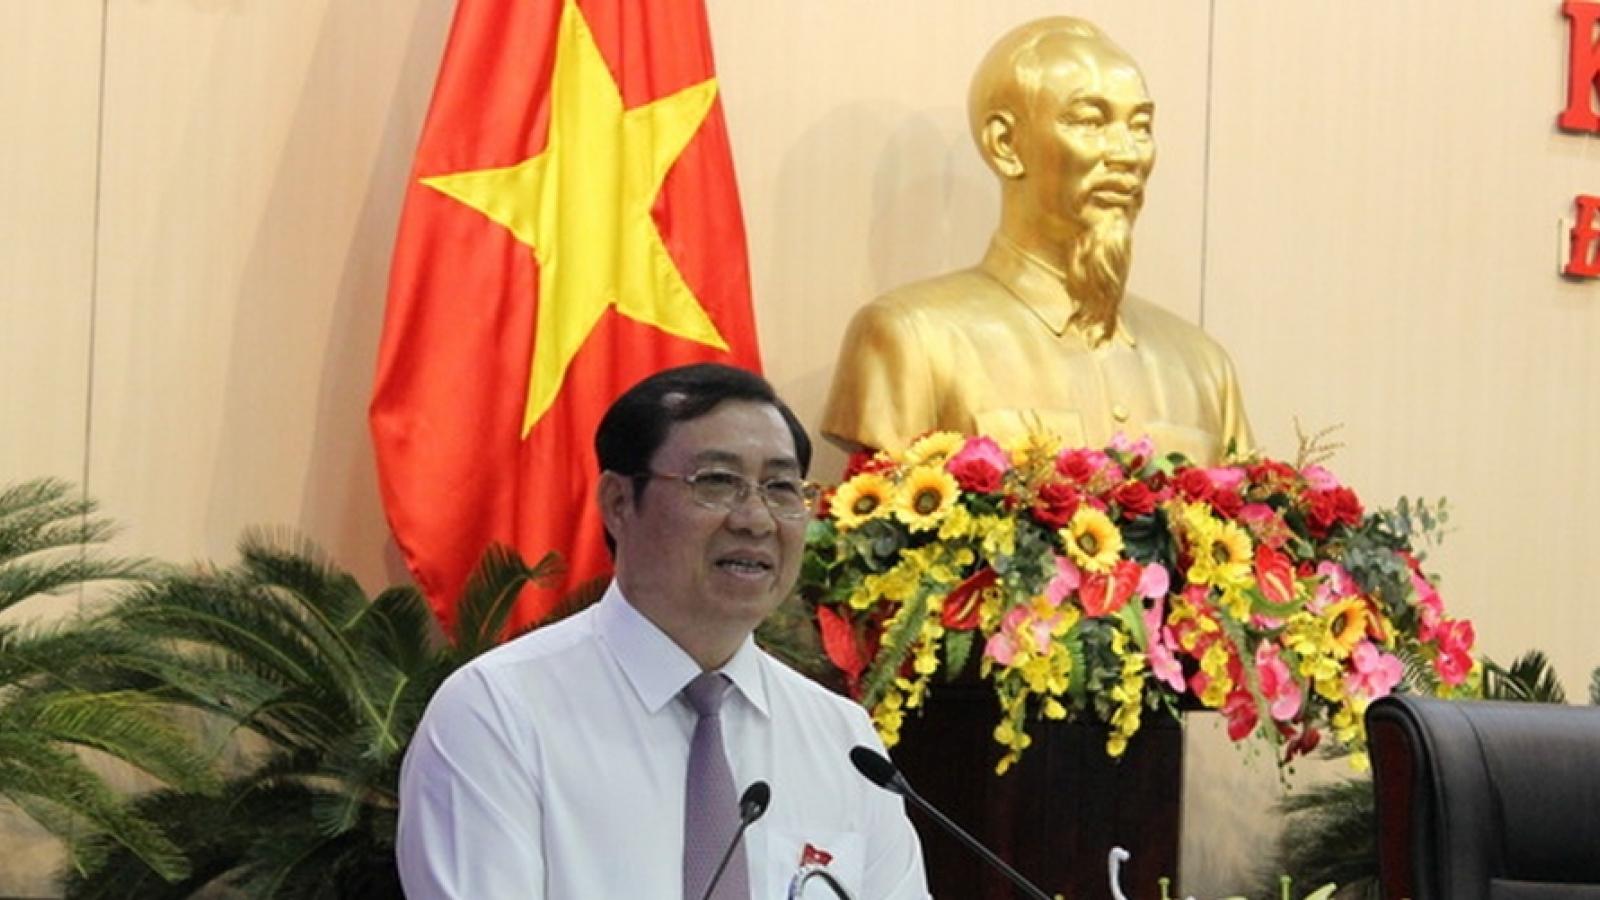 Nghị quyết của Quốc hội về chính quyền đô thị tạo đột phá cho Đà Nẵng